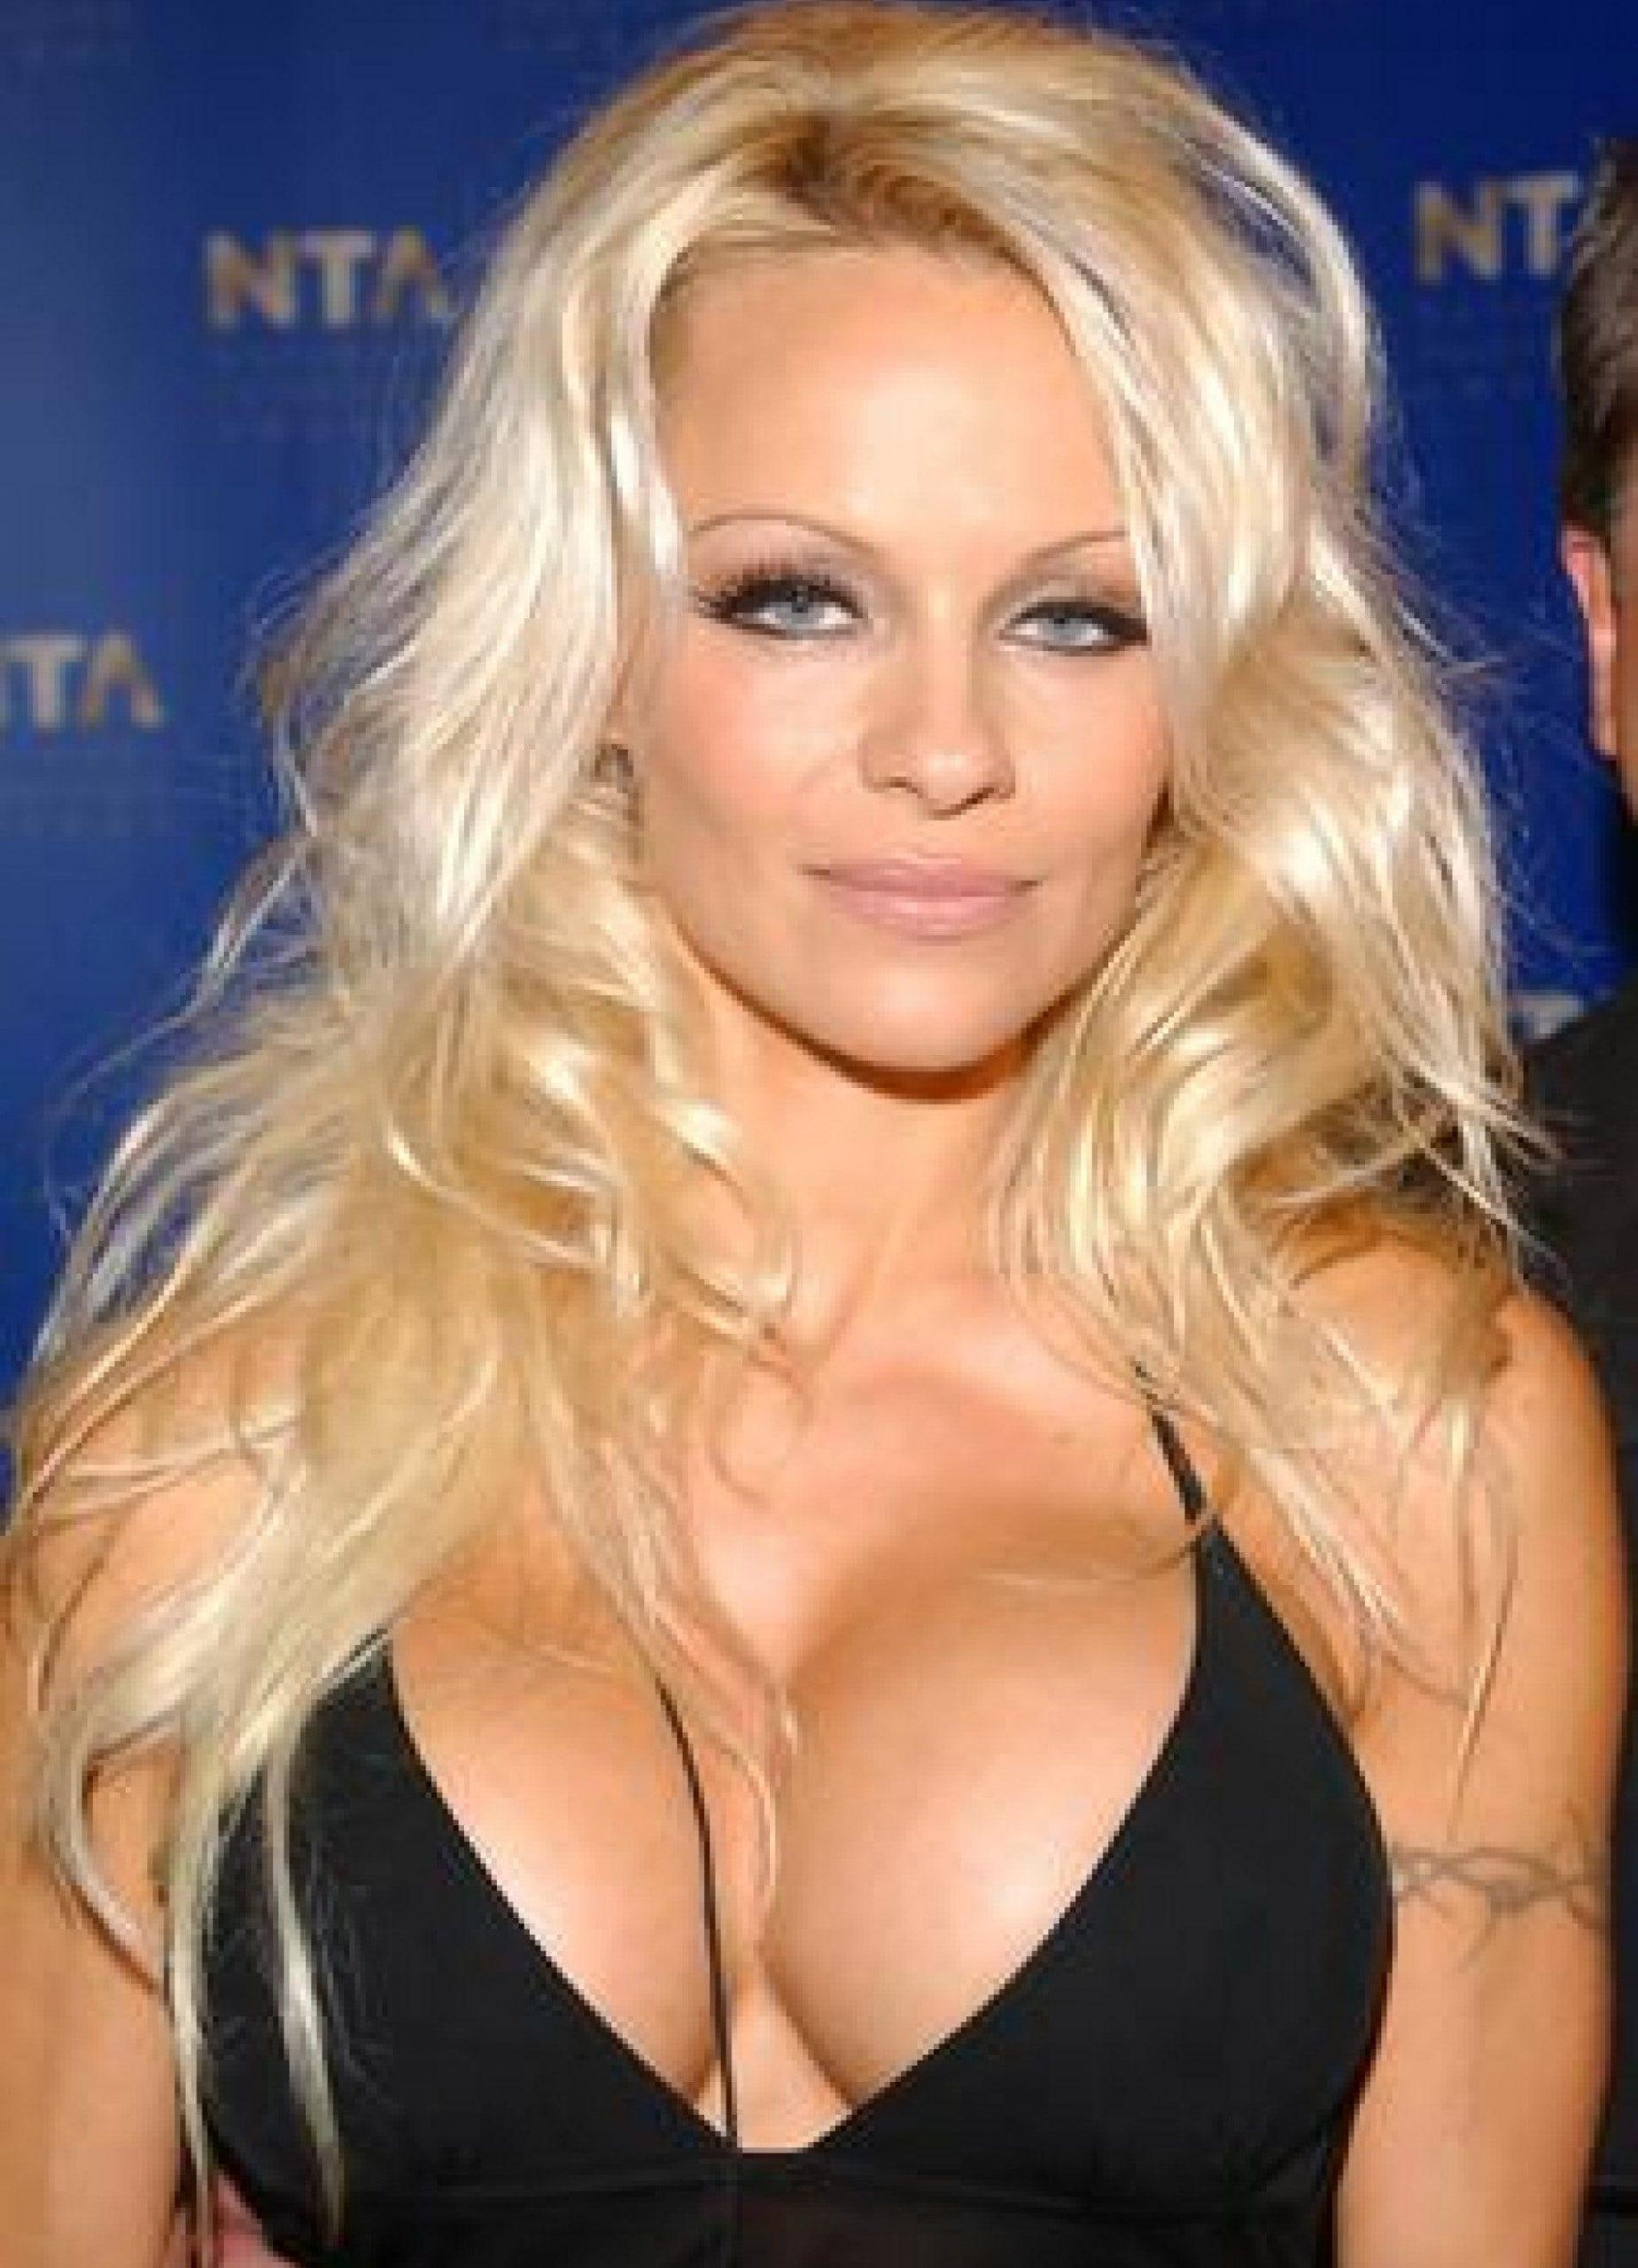 Pamela Anderson big boobs pics